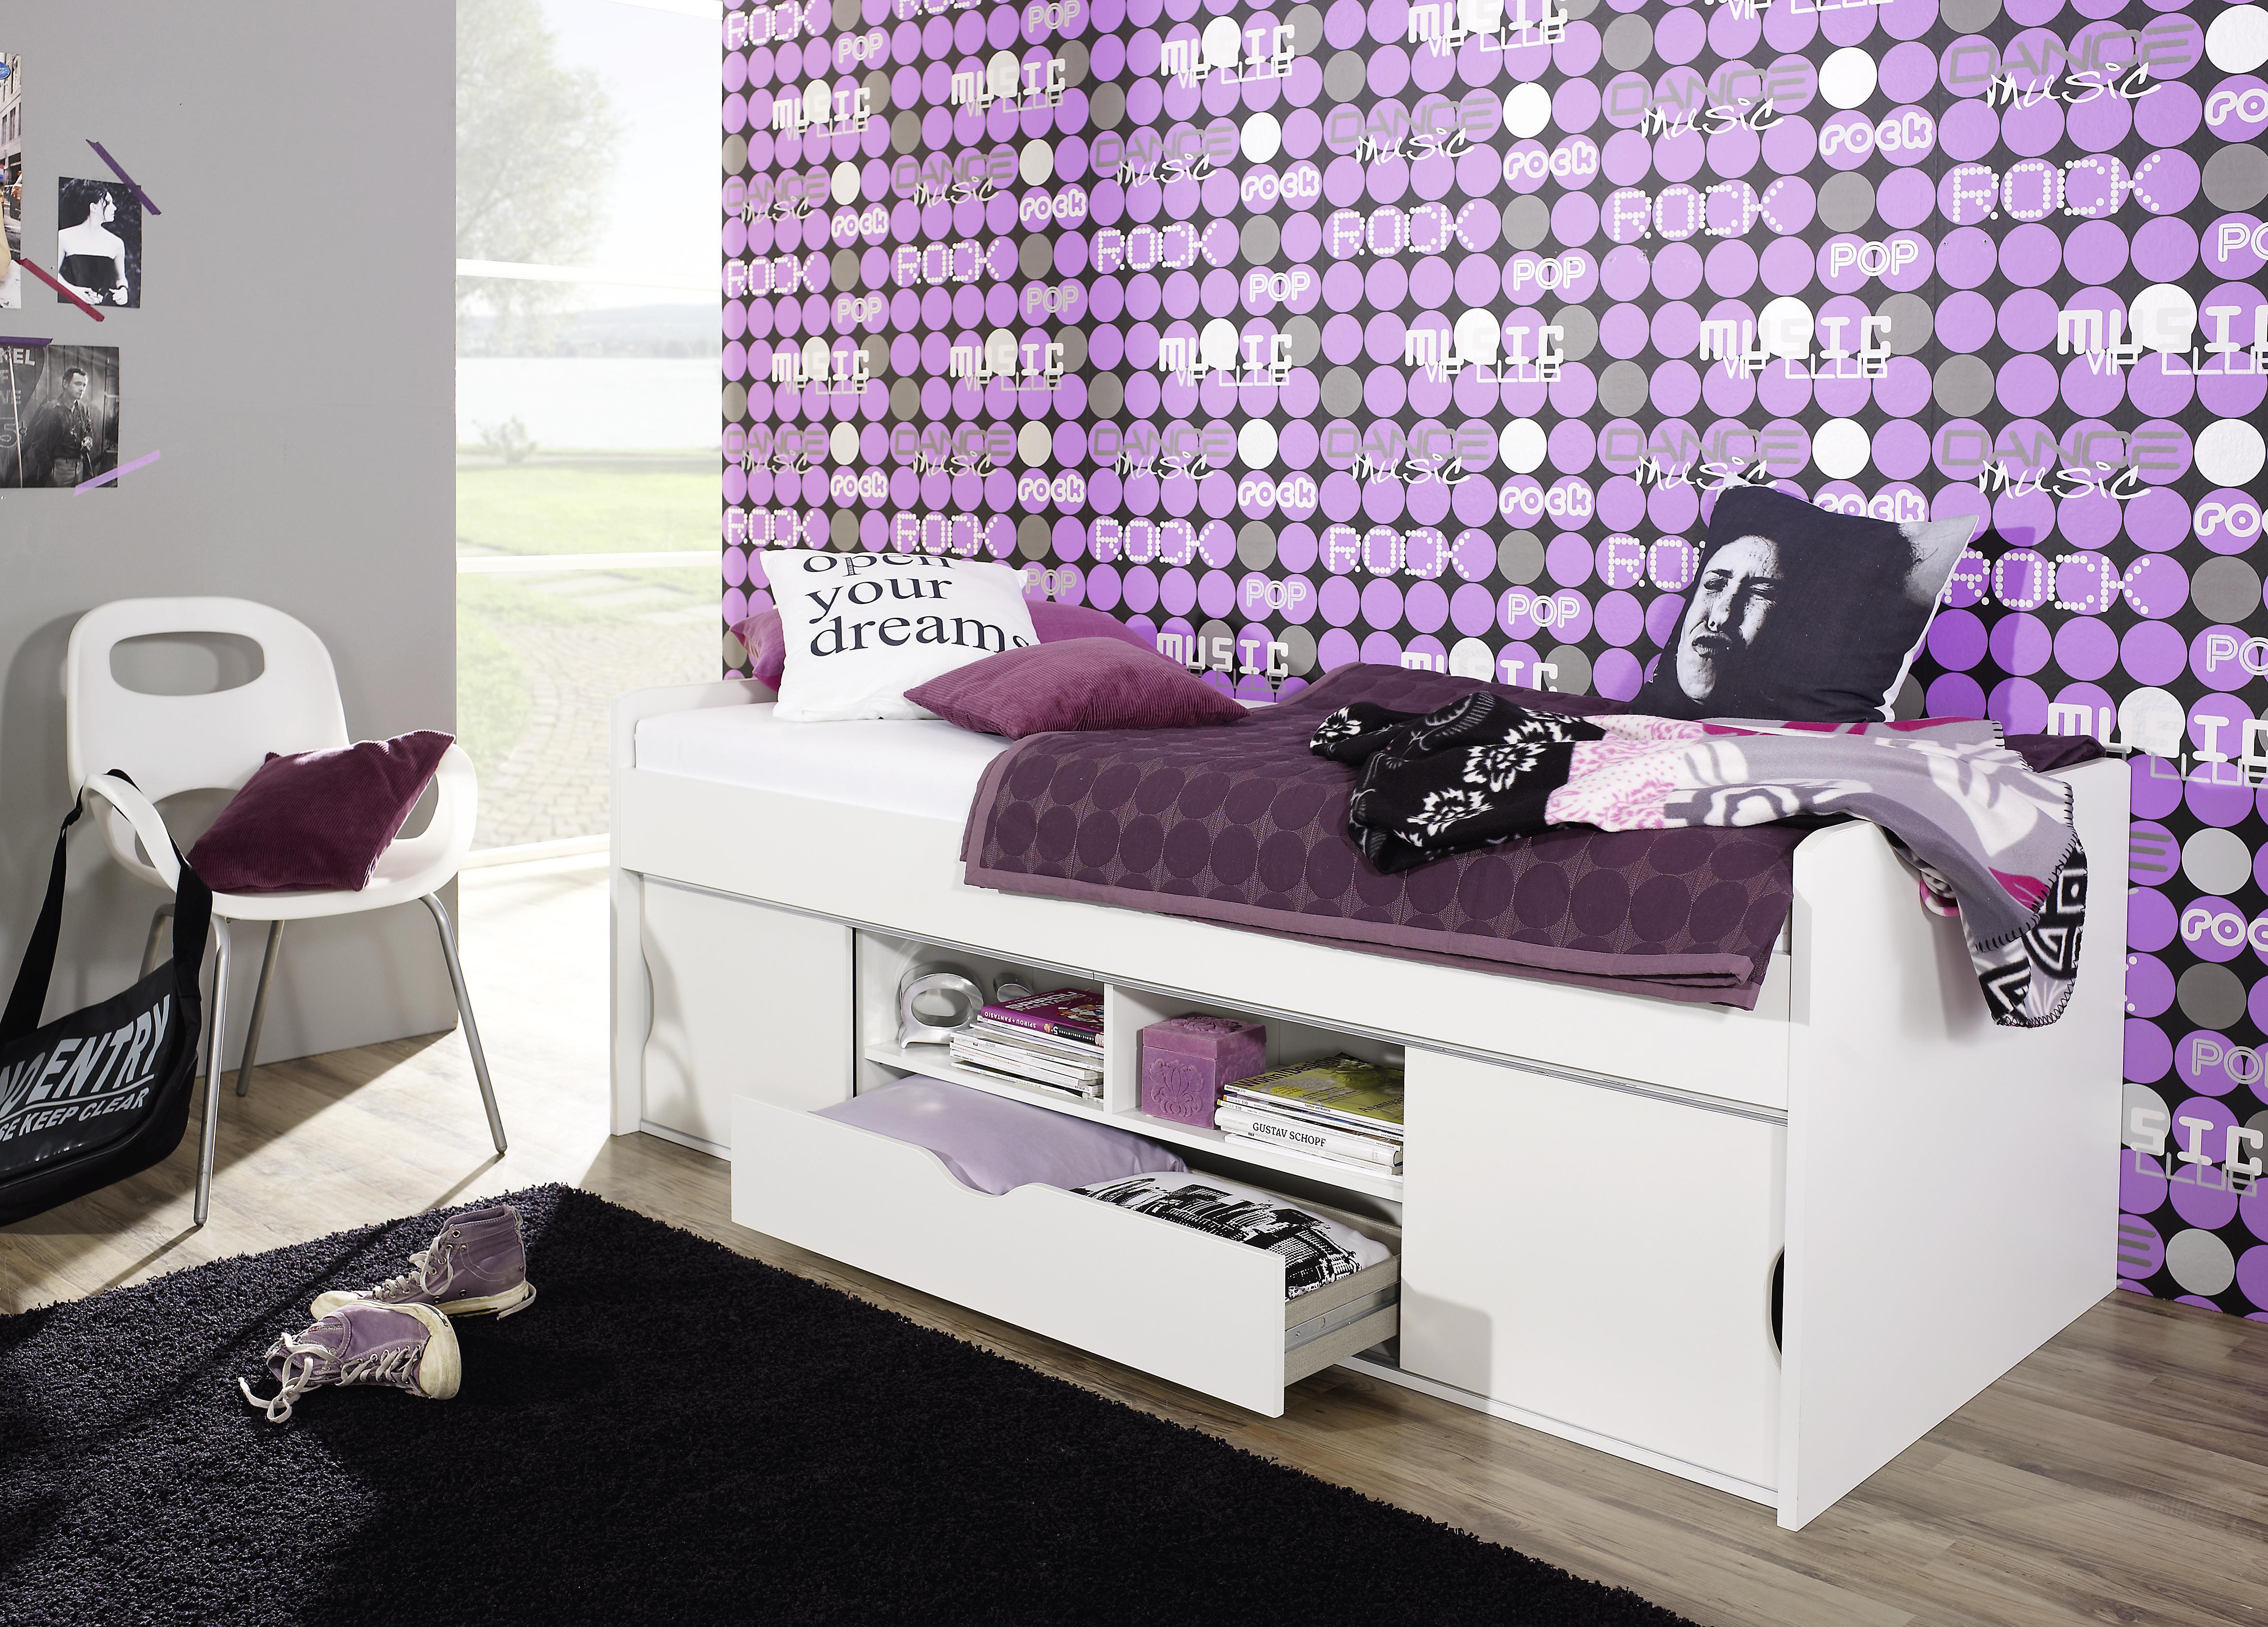 POLDI Funktionsbett  /  Jugendbett in 4 Farbvarianten